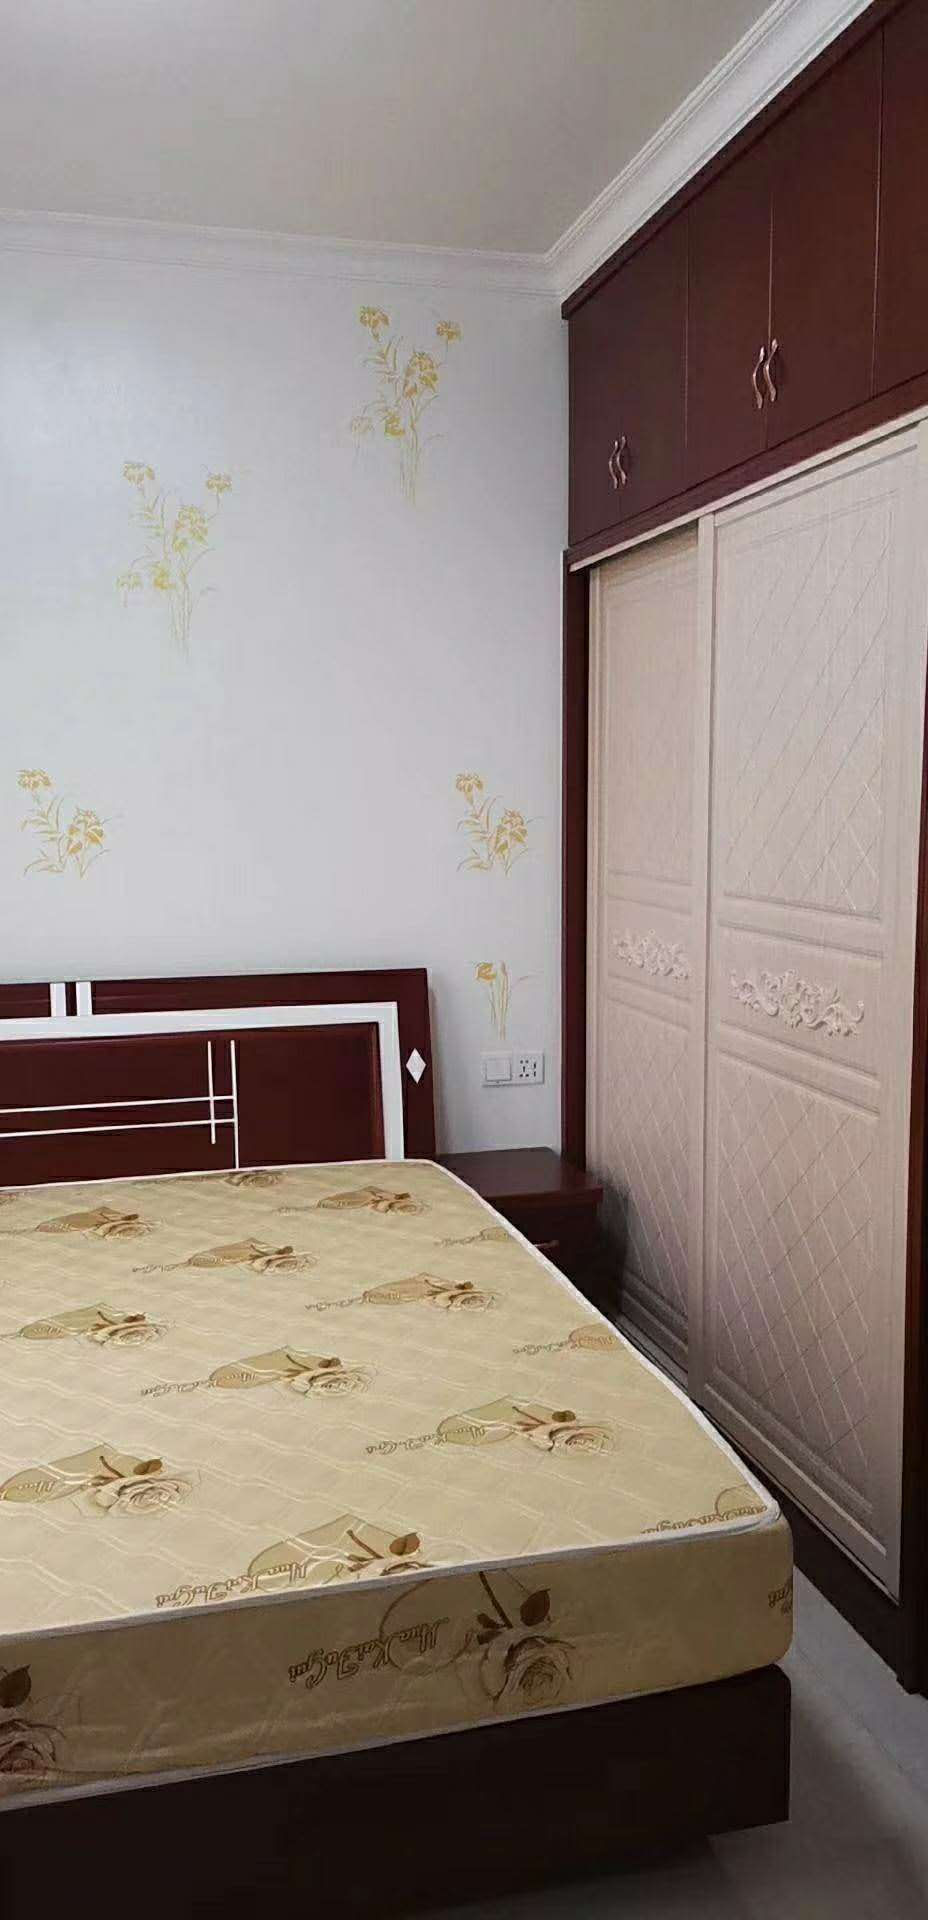 润锦首府3室2厅2卫99.8万元